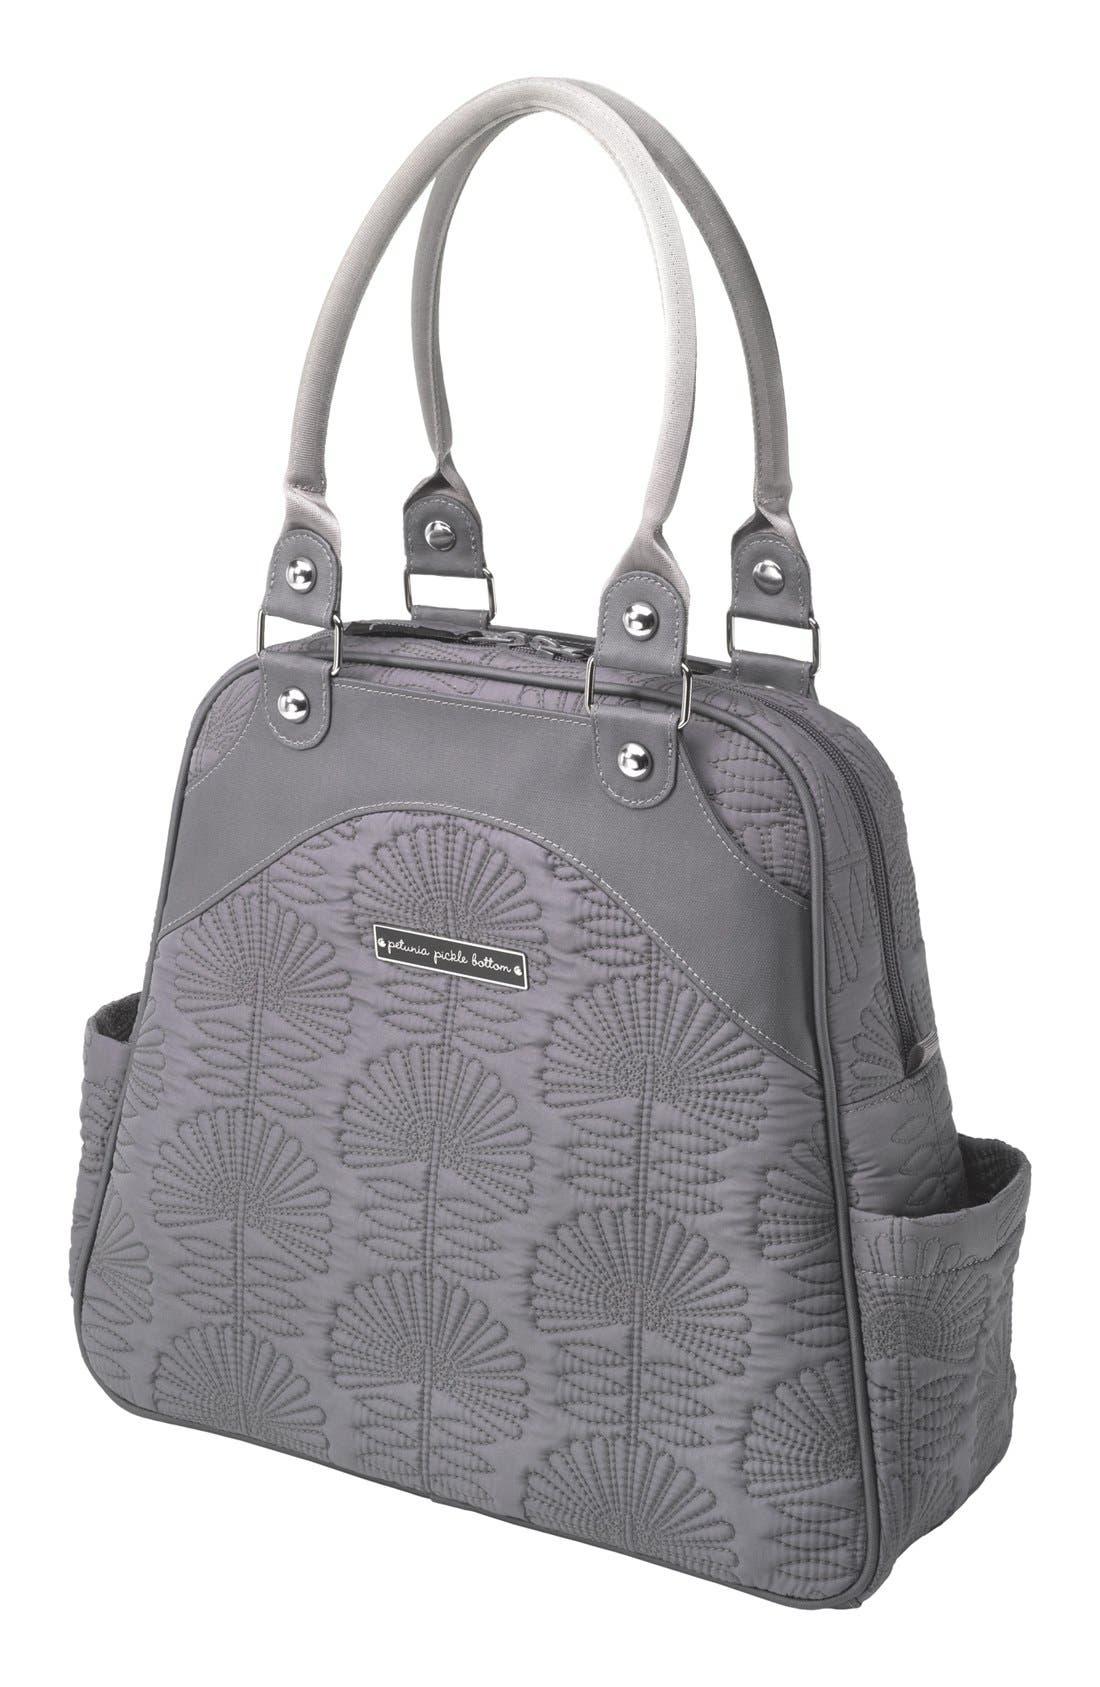 Main Image - Petunia Pickle Bottom 'Embossed Sashay' Diaper Bag